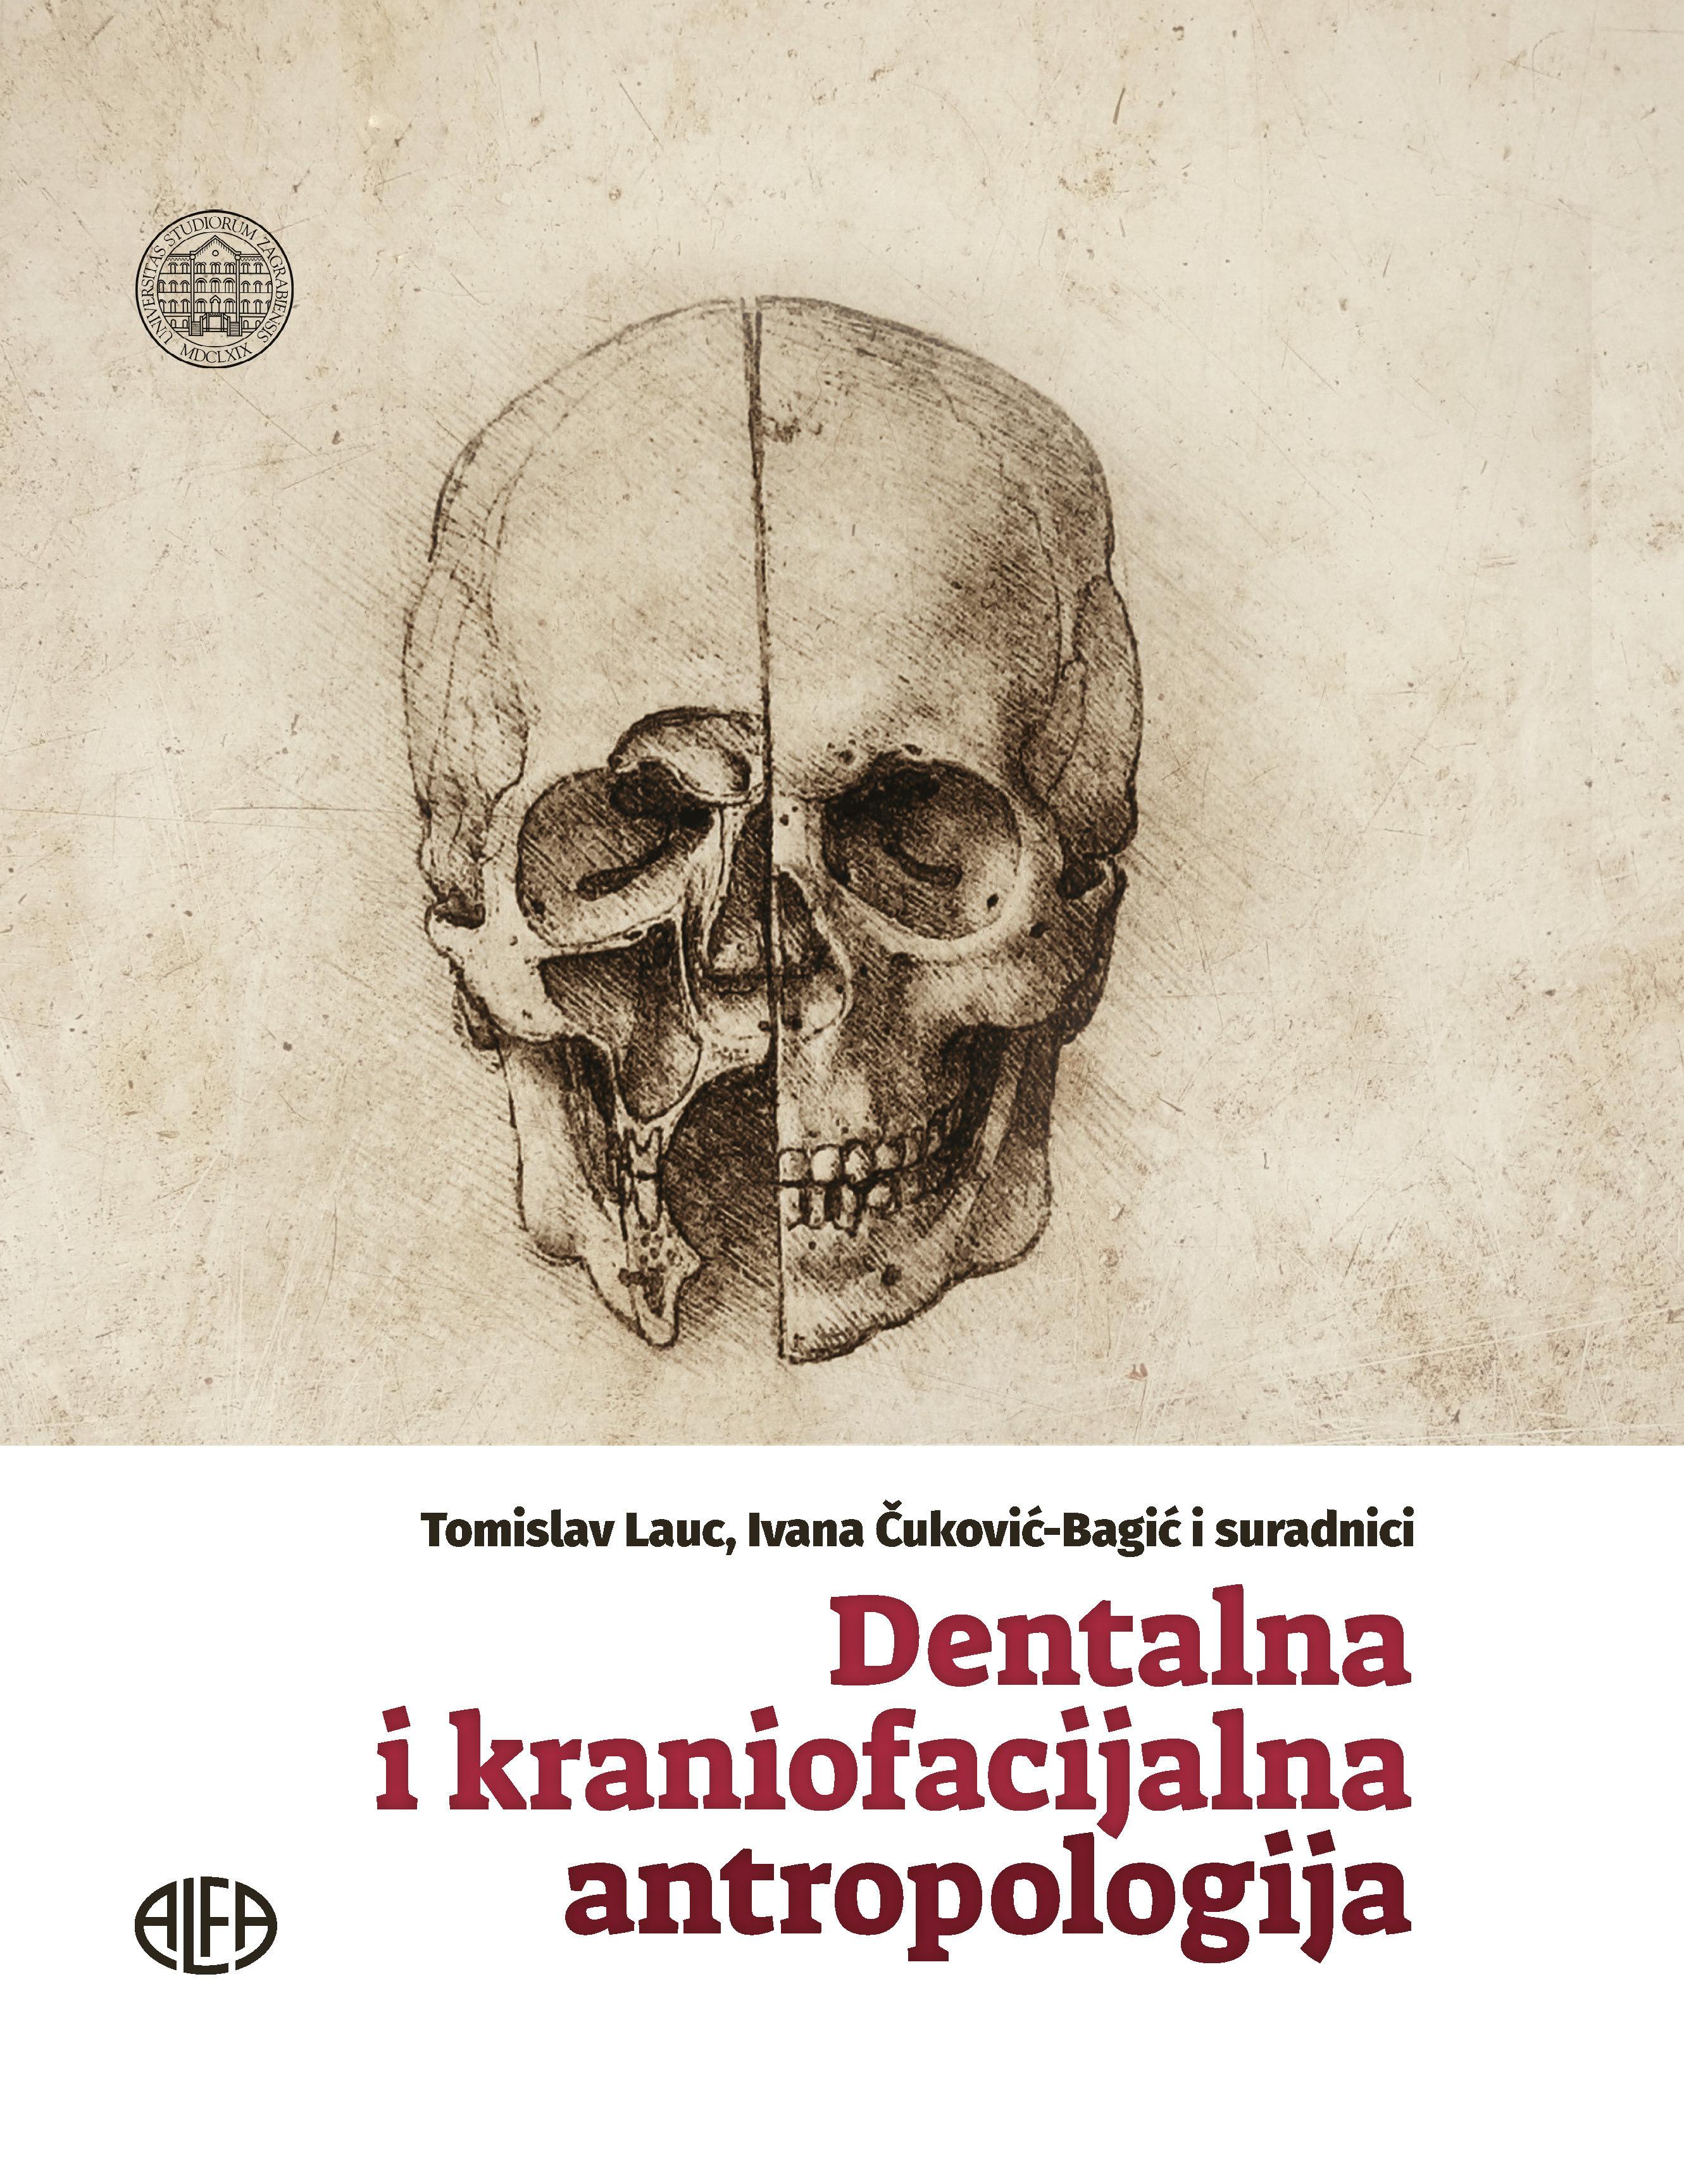 Dentalna i kraniofacijalna antropologija